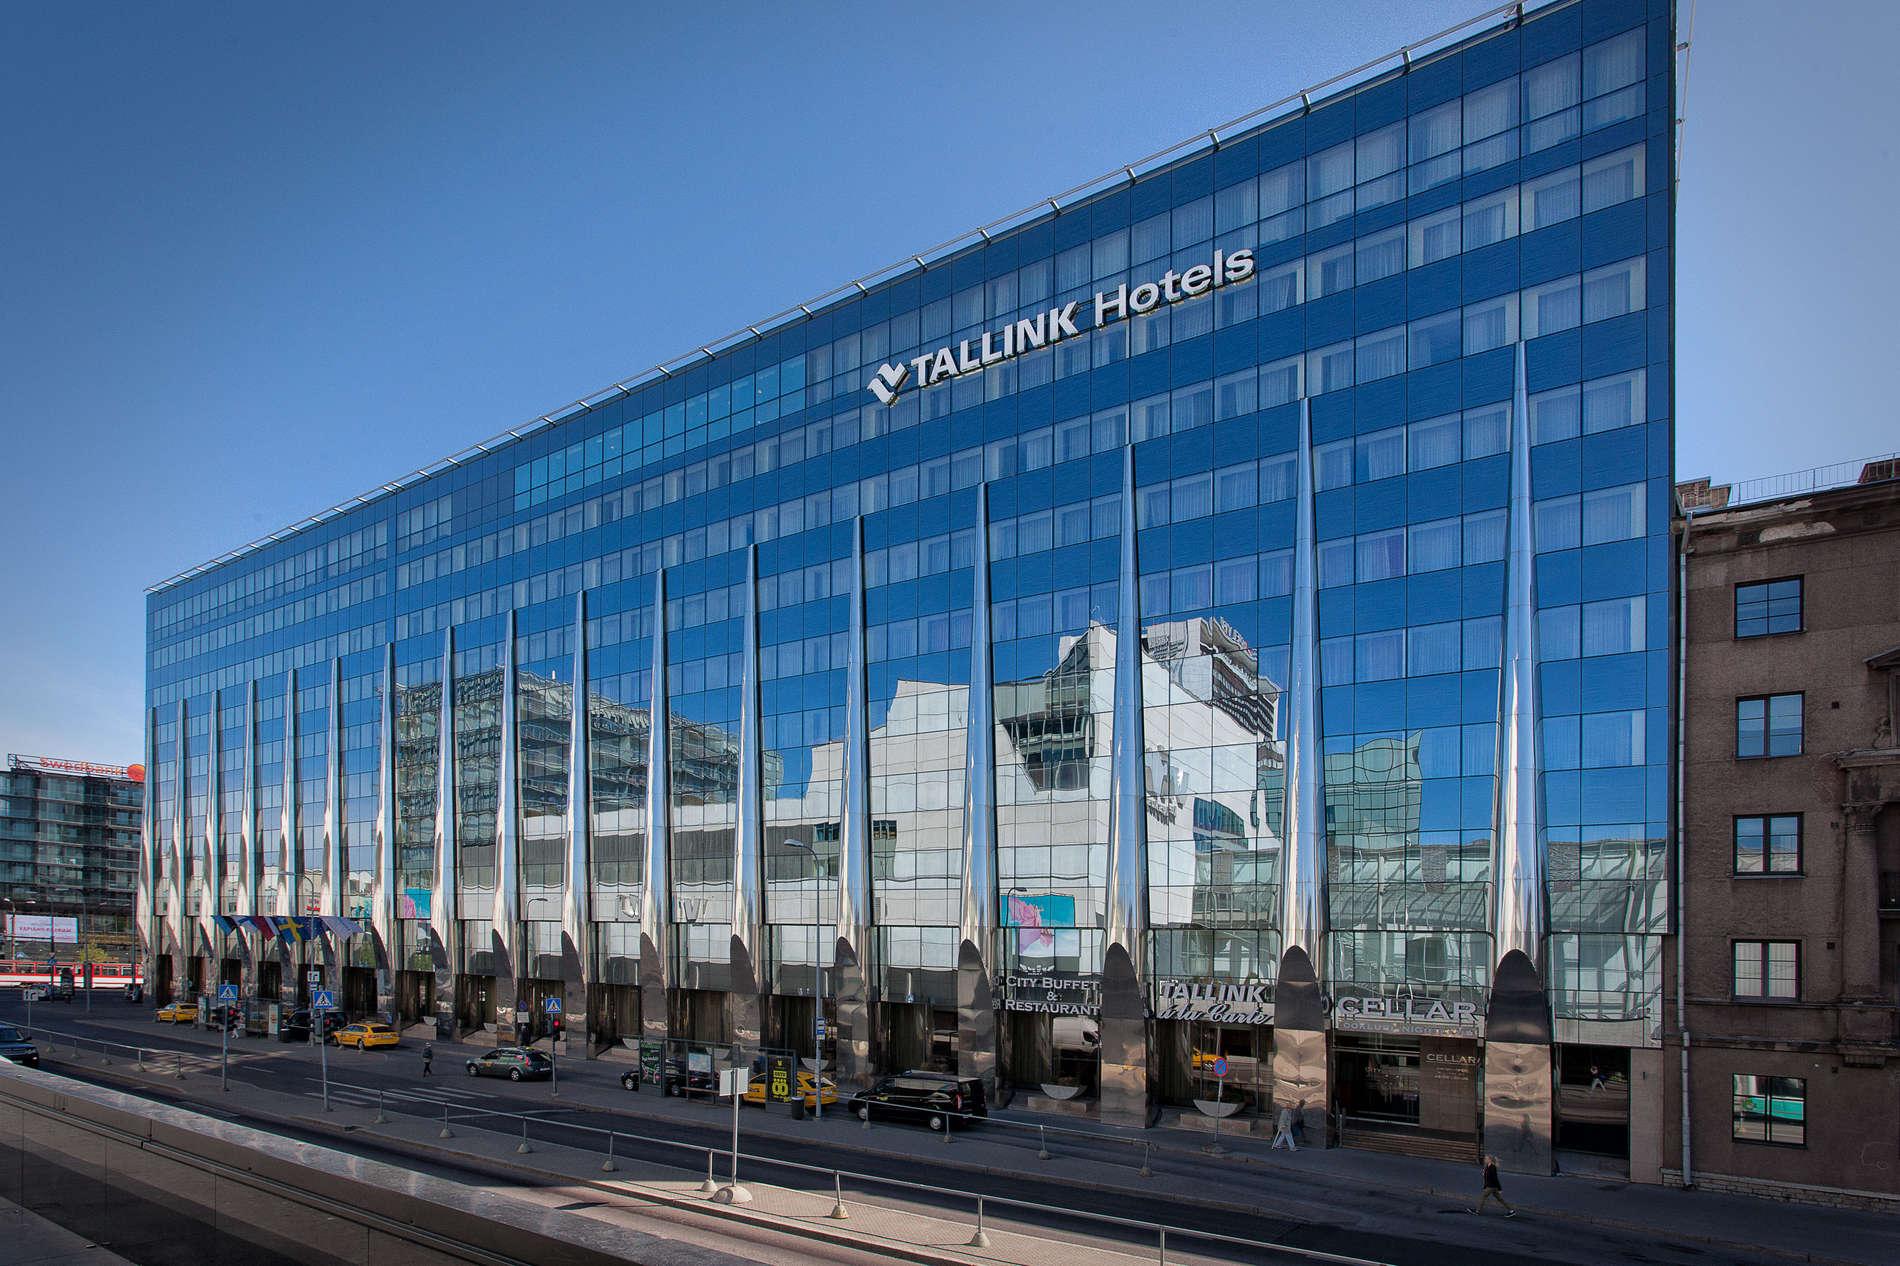 Tallink City Hotel_fassaad_Kallas_2018